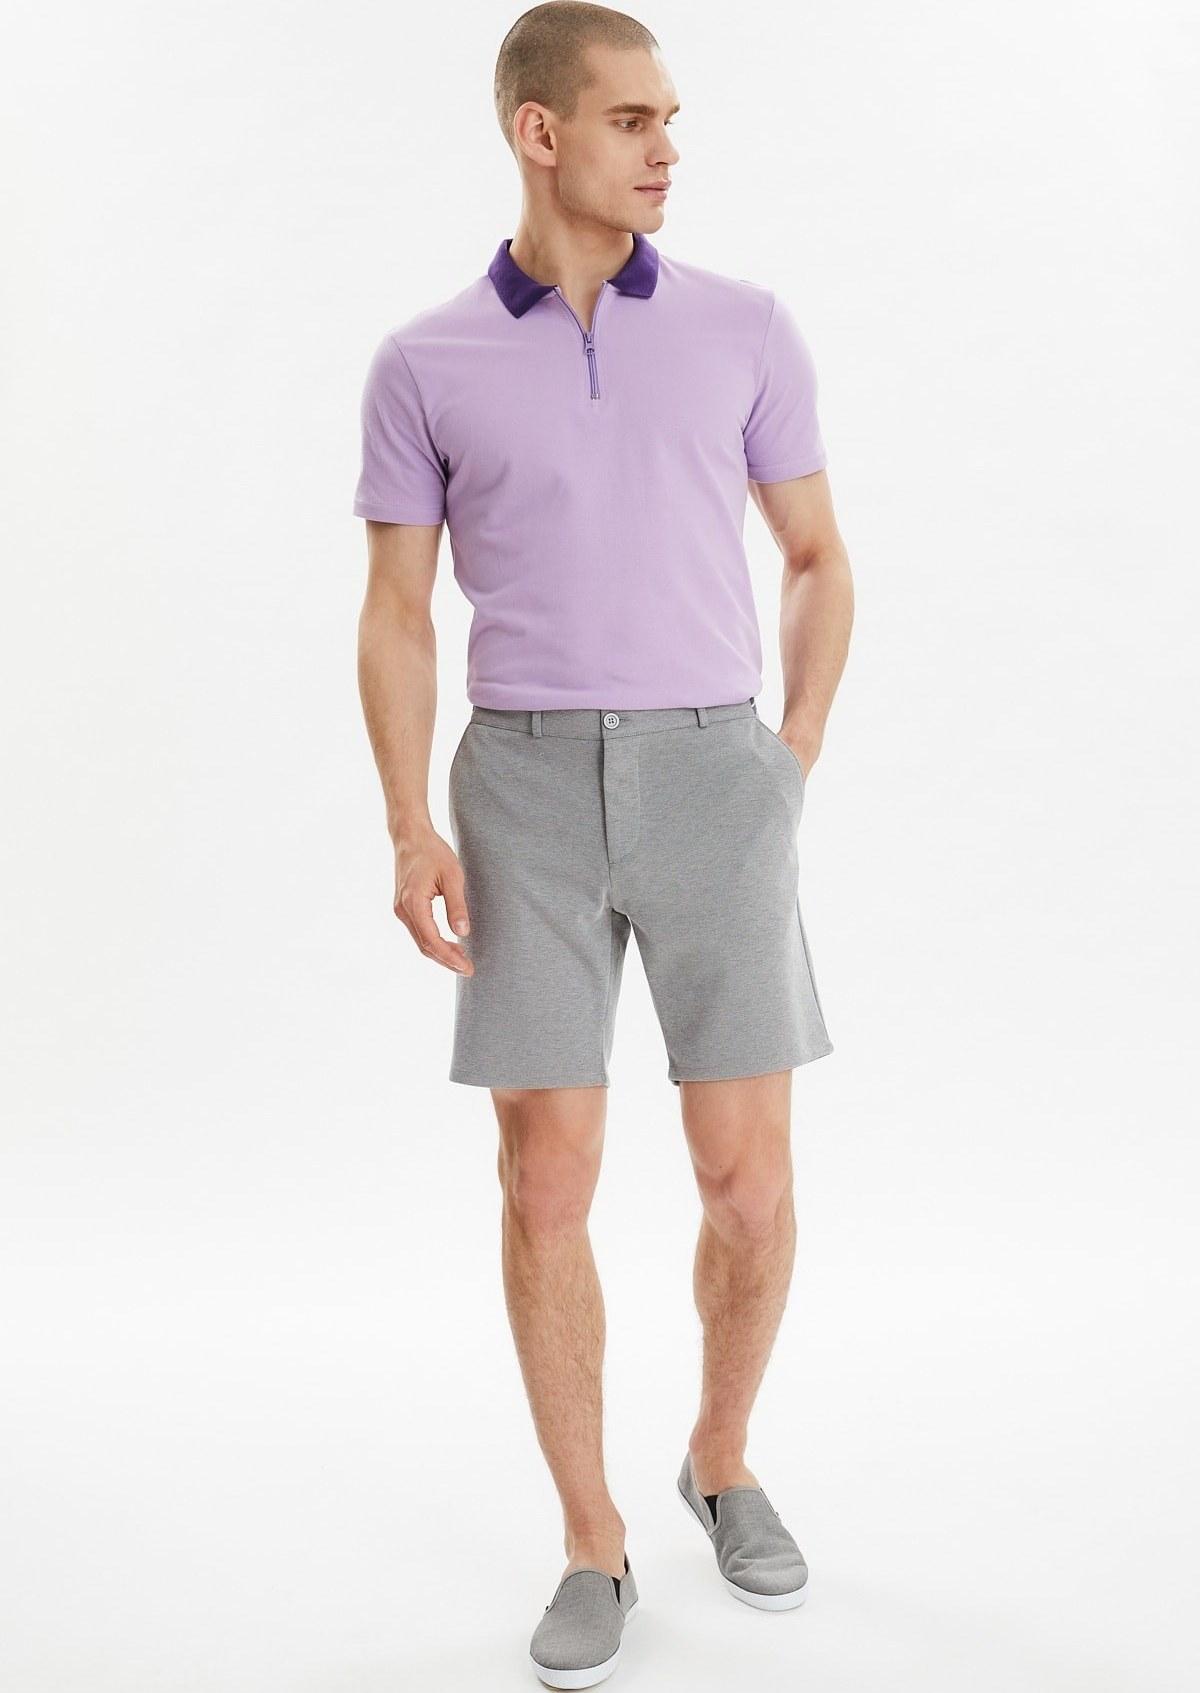 تصویر مدل شلوارک مردانه برند ترندیول مرد رنگ نقره ای کد ty37770841